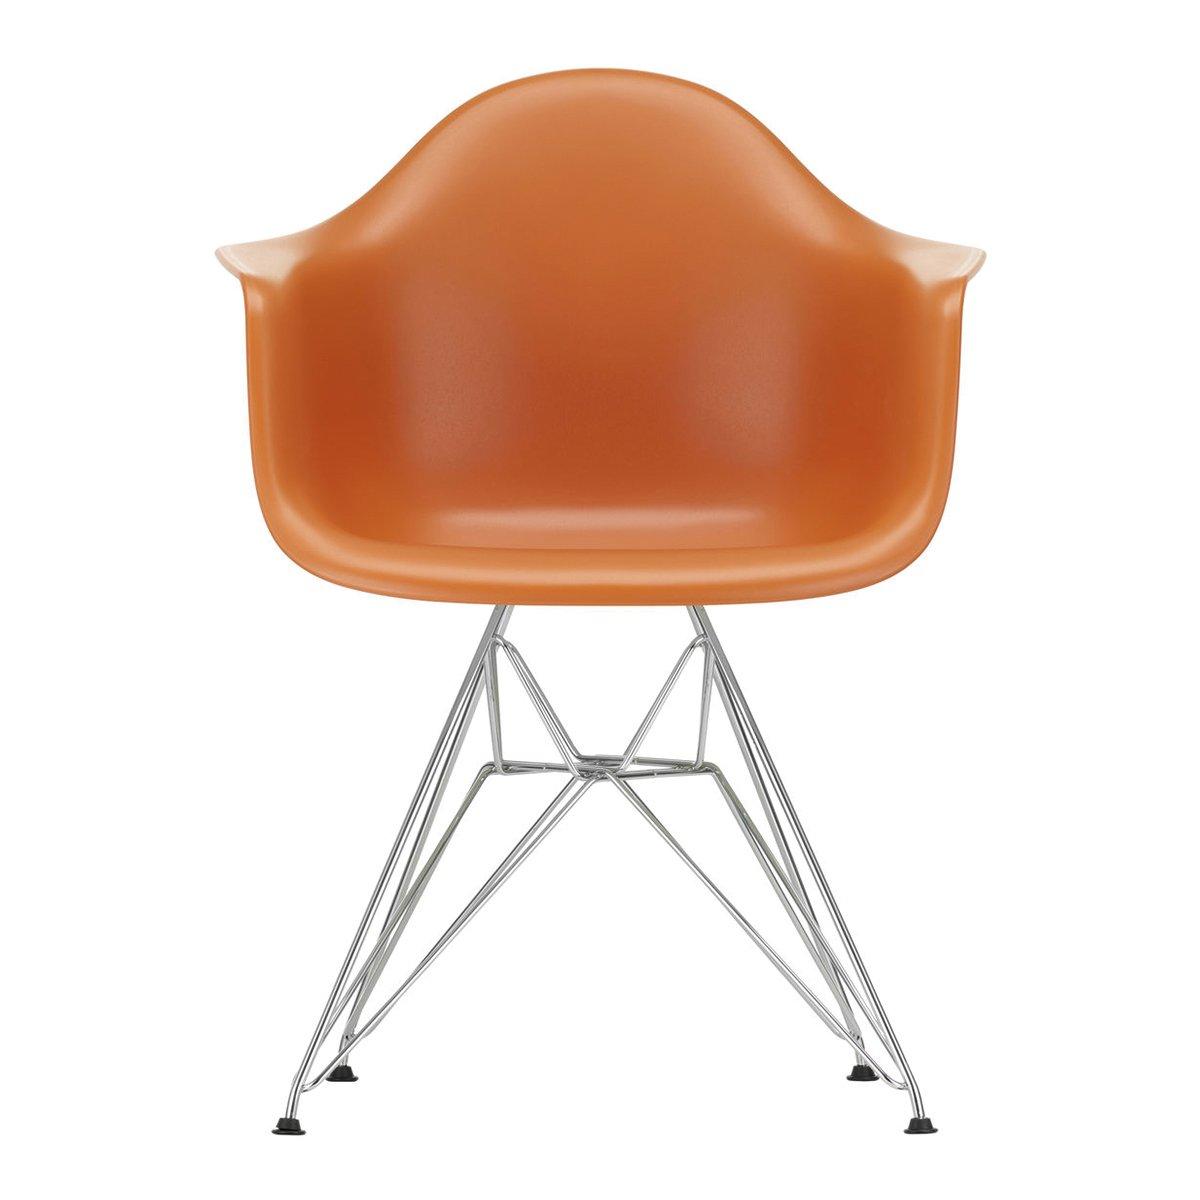 Vitra Eames DAR Armstoel Chroom Onderstel - Rusty Orange